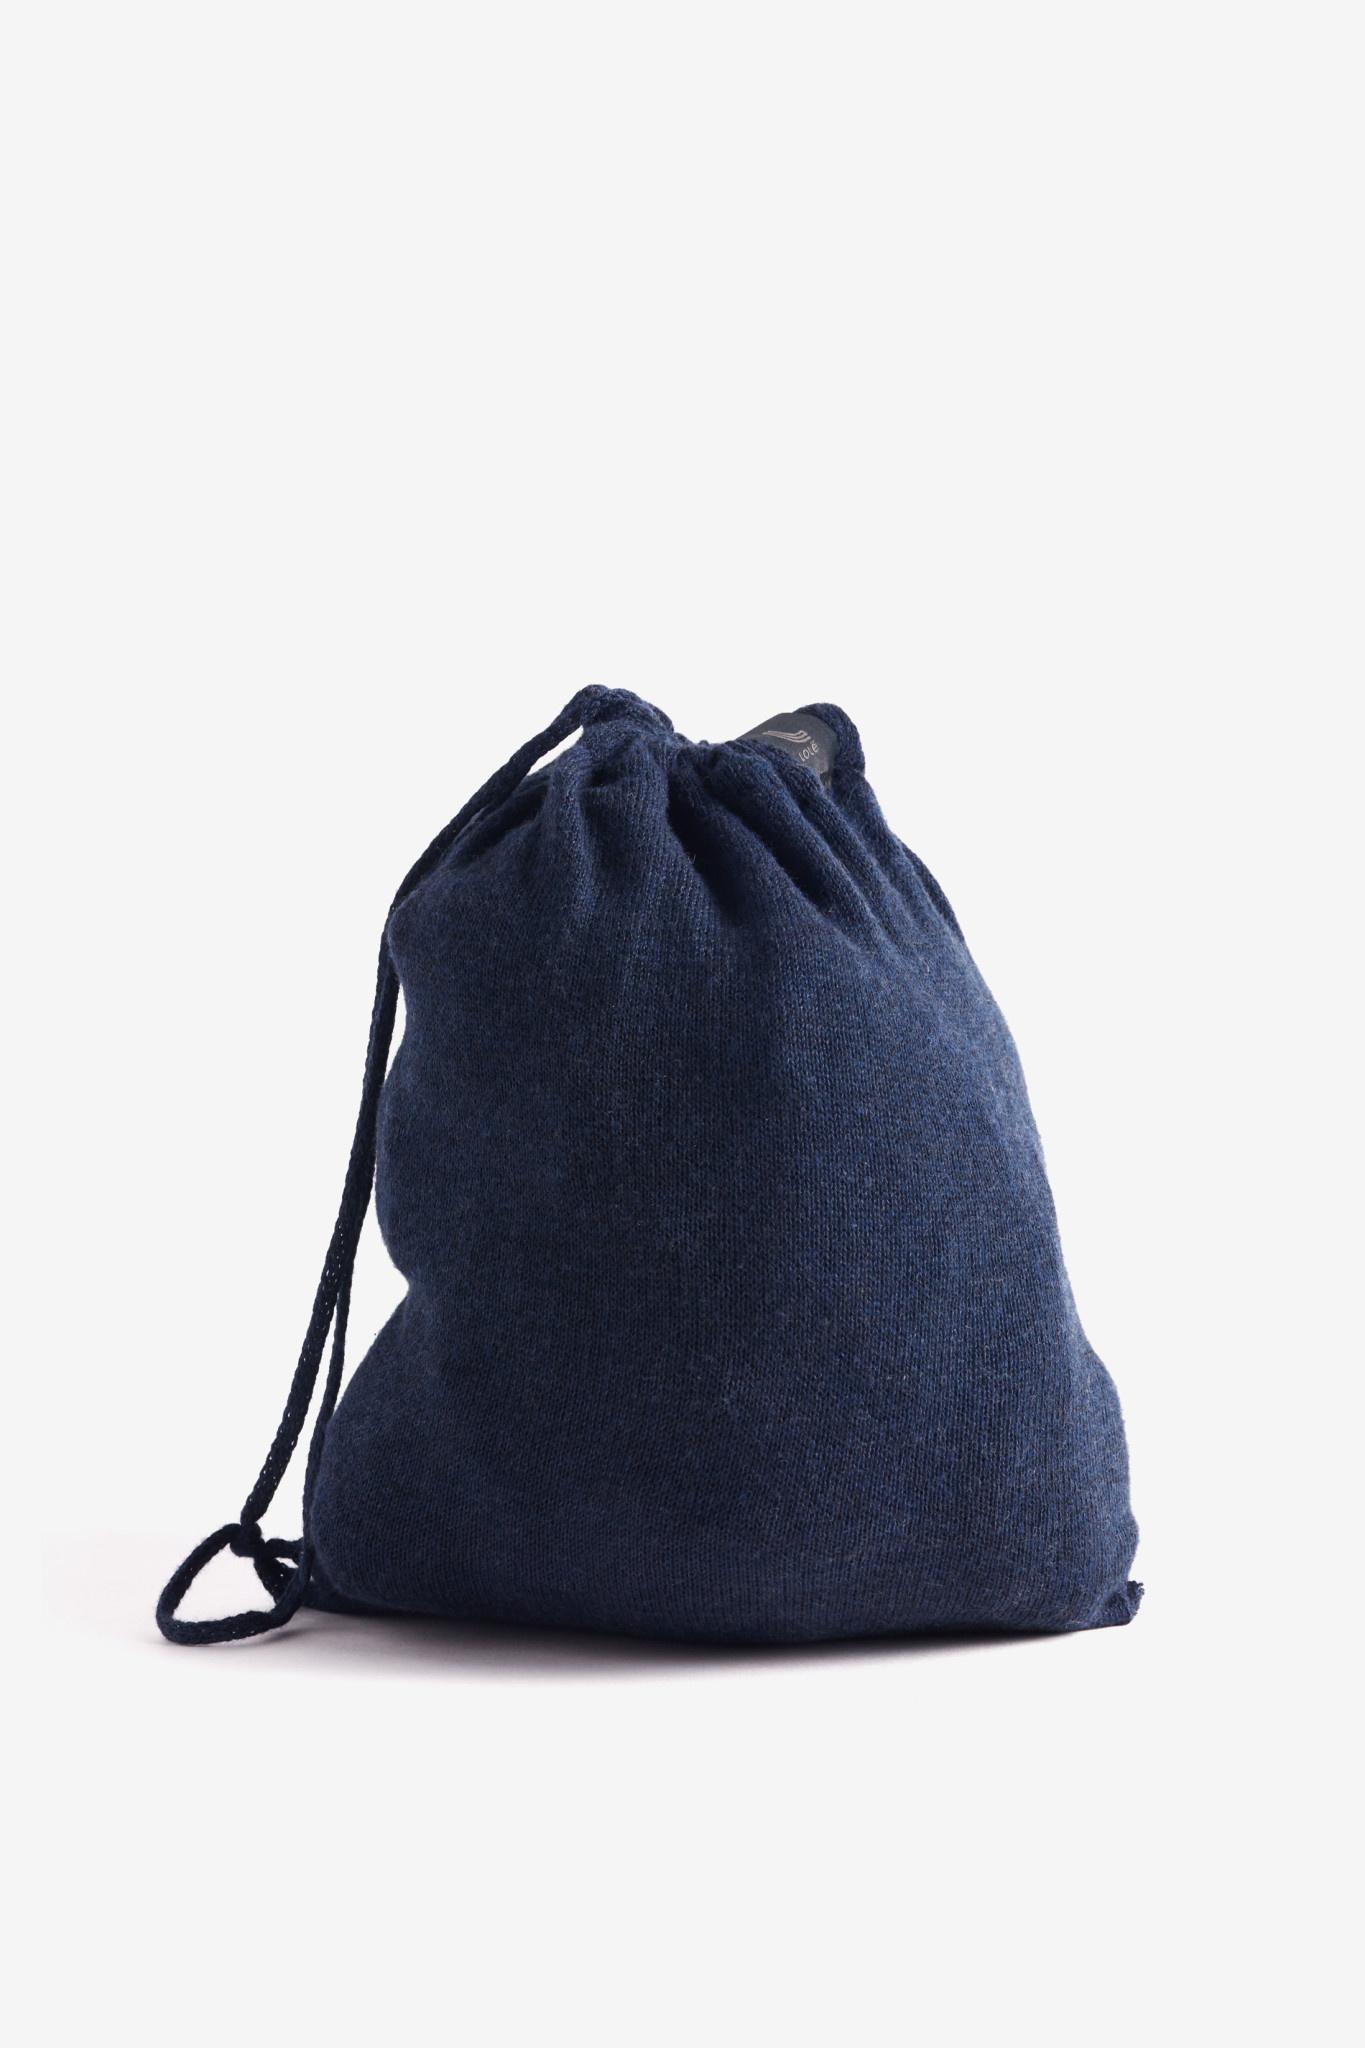 Madison Travel Wrap - One Size